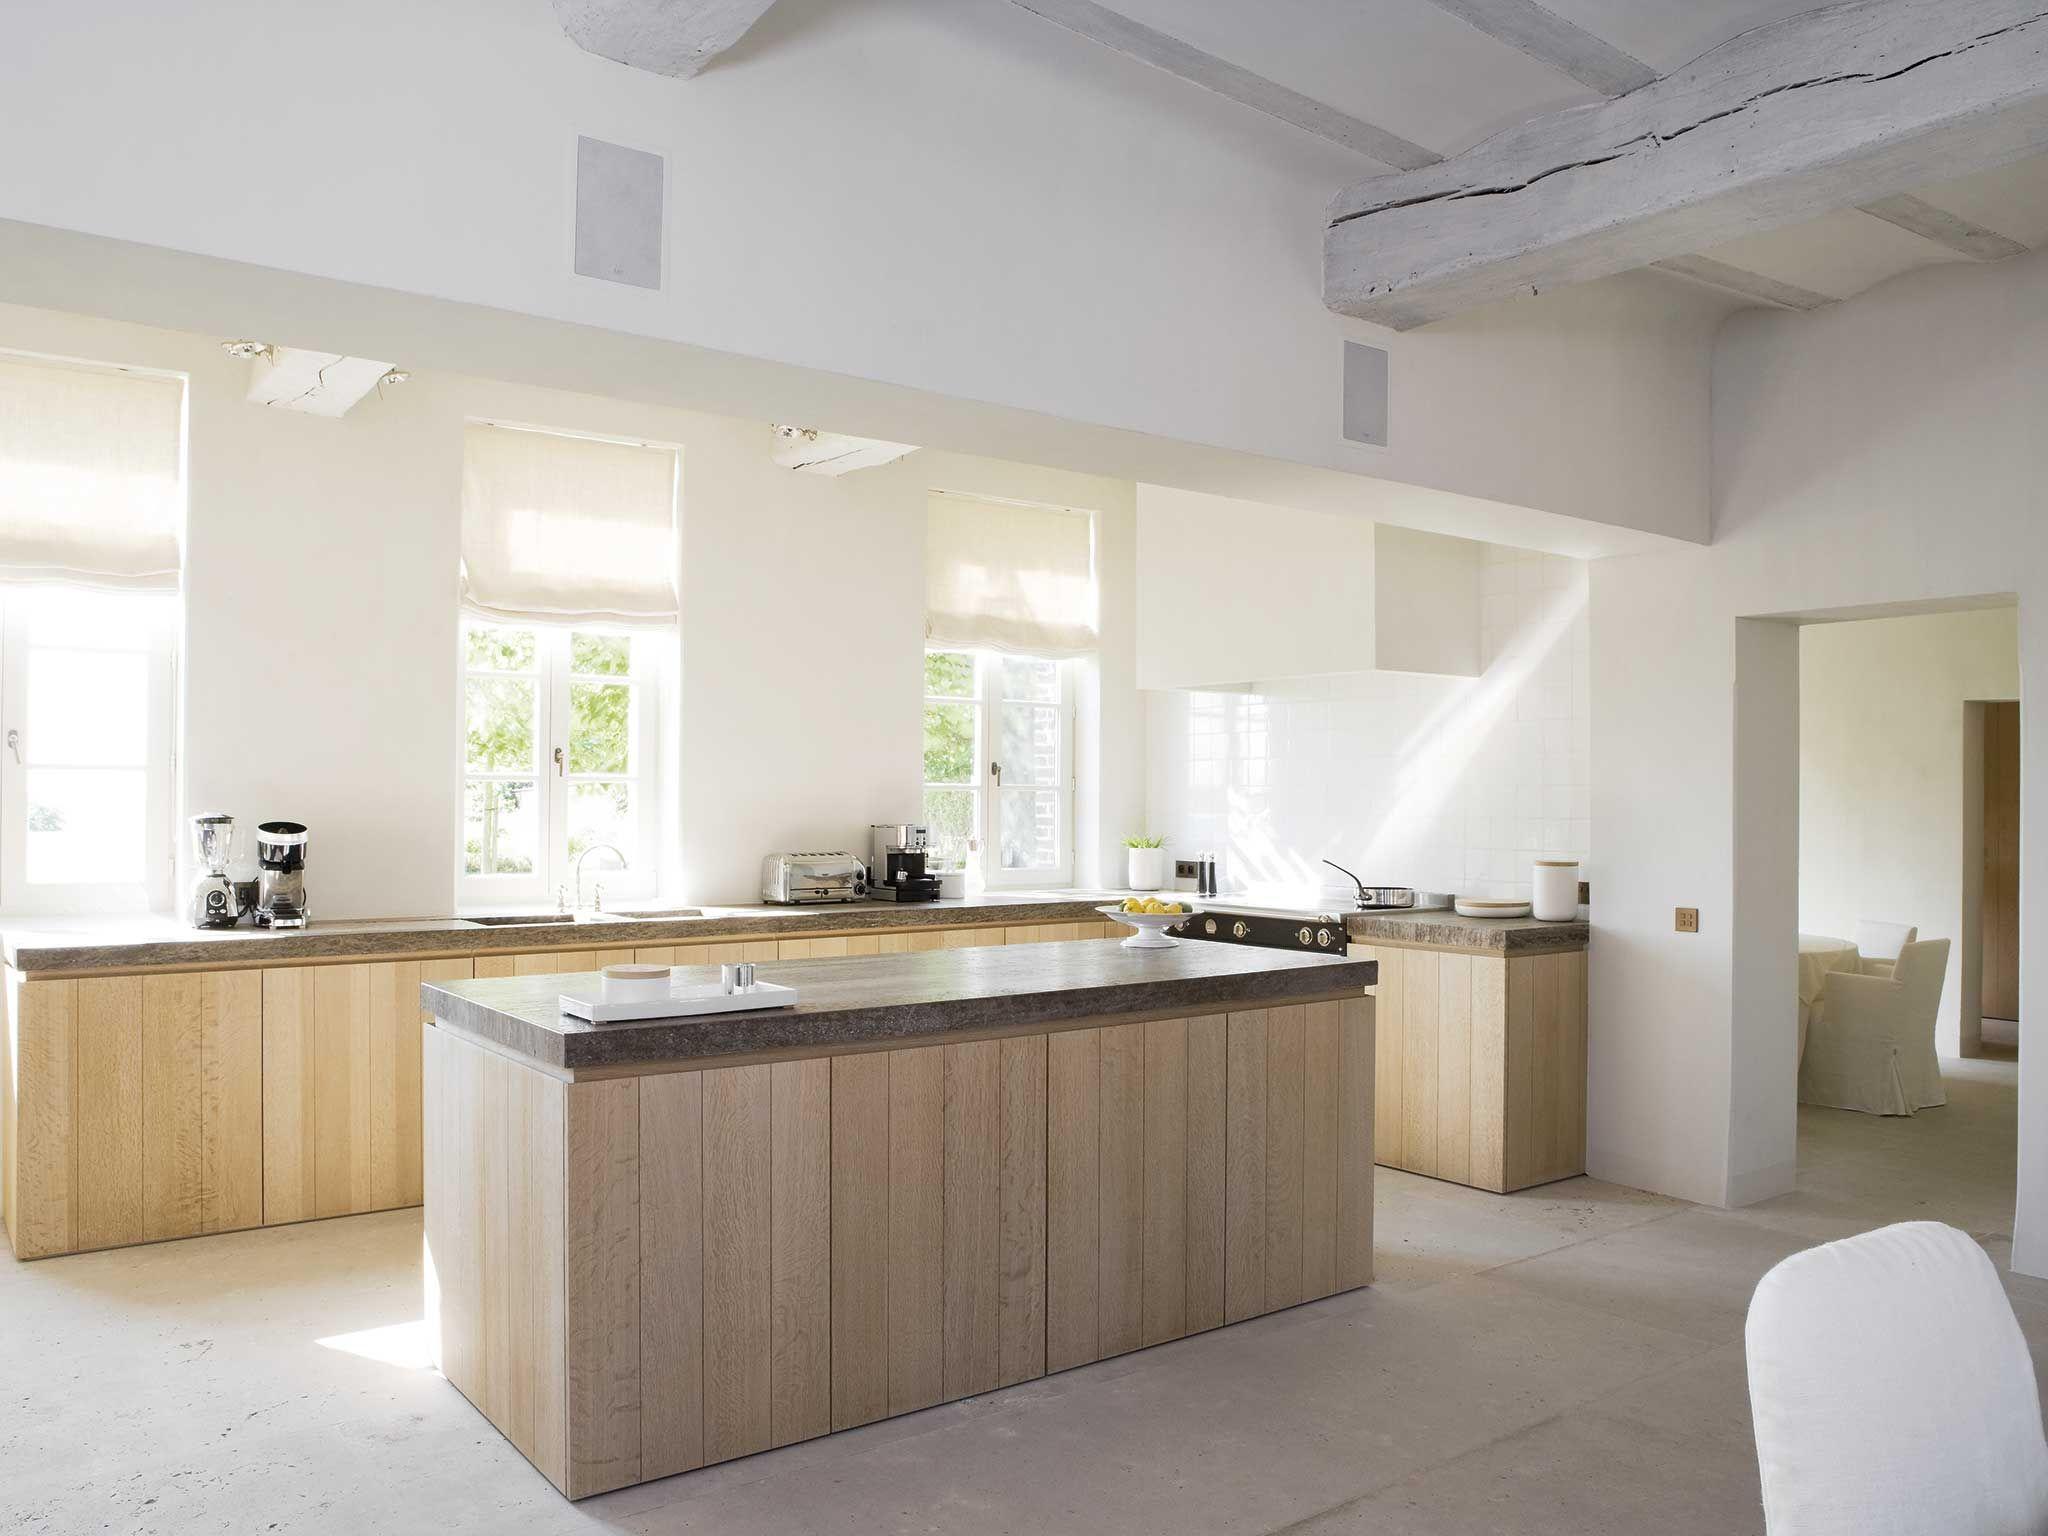 Obumex | Classic Kitchen | Kitchen Island | Wood | White | Interior ...